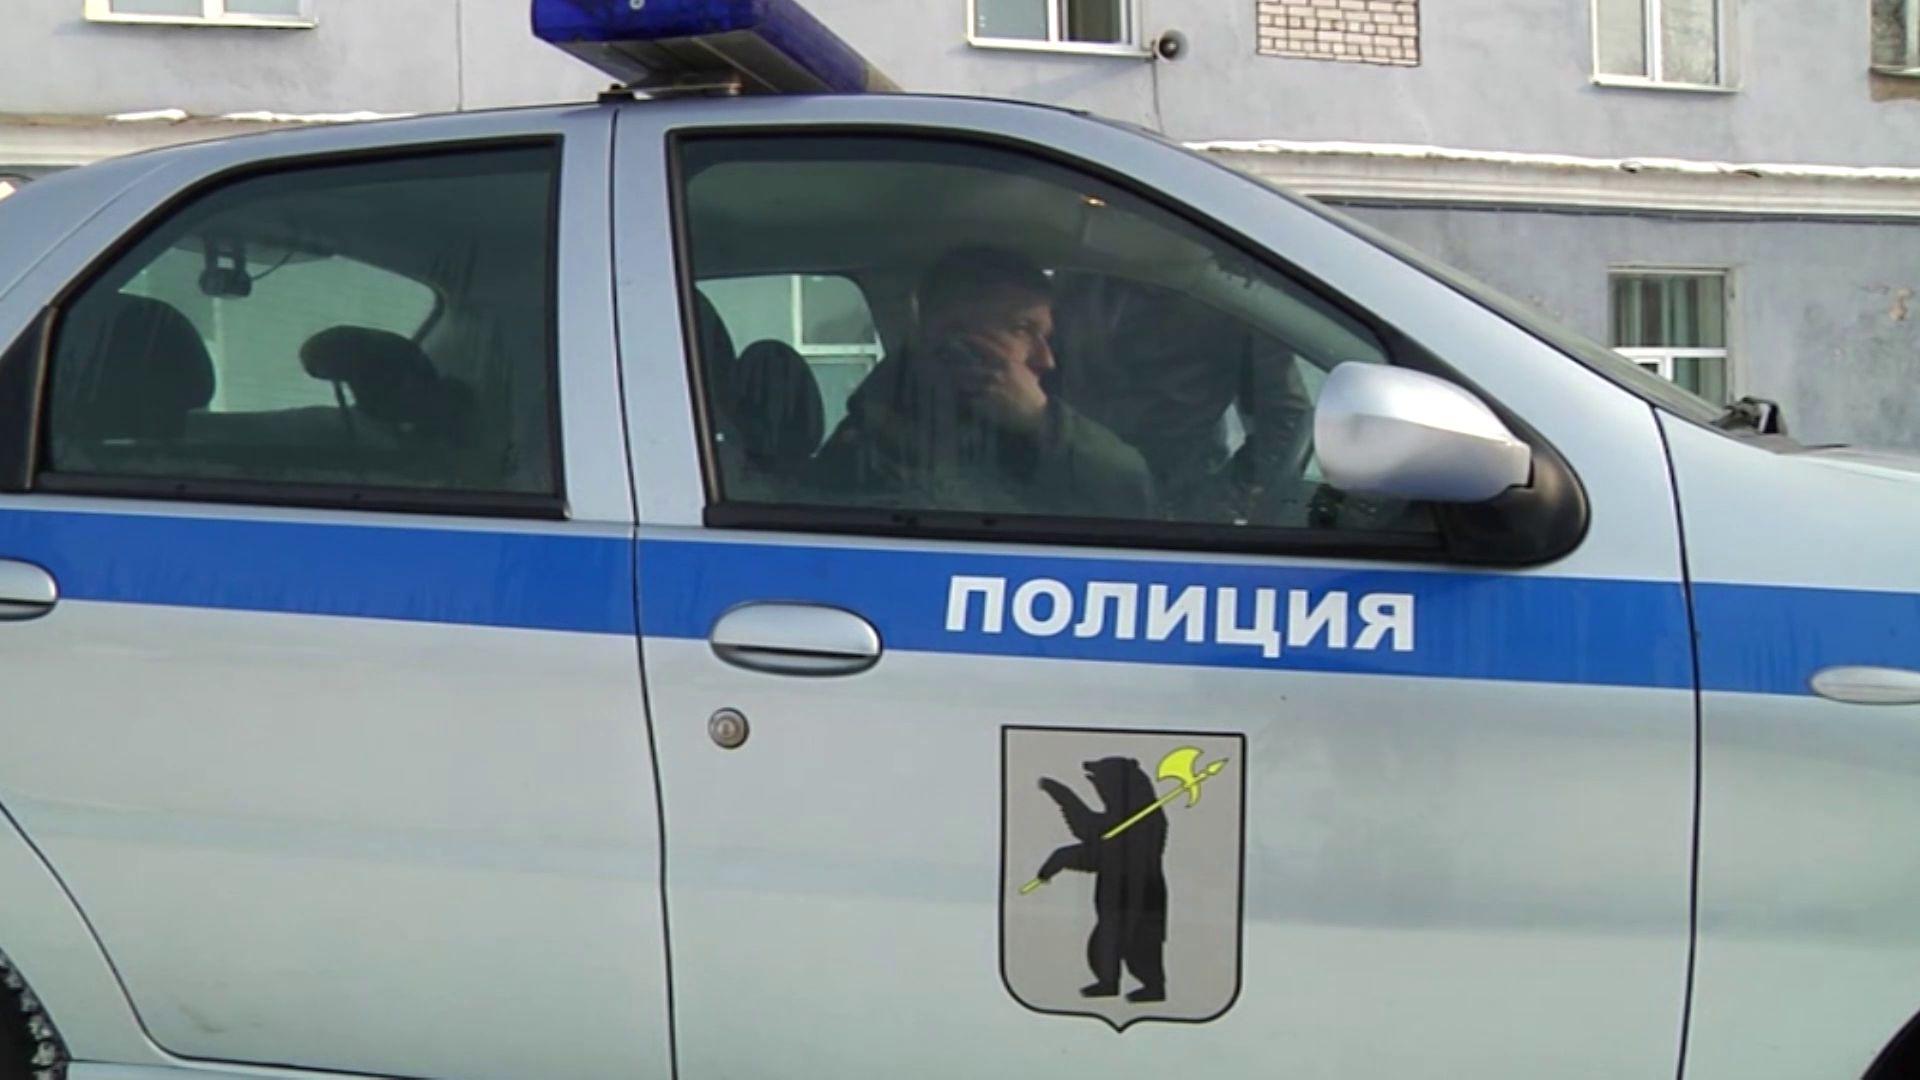 Жительница Рыбинска пострадала от лжебанкиров